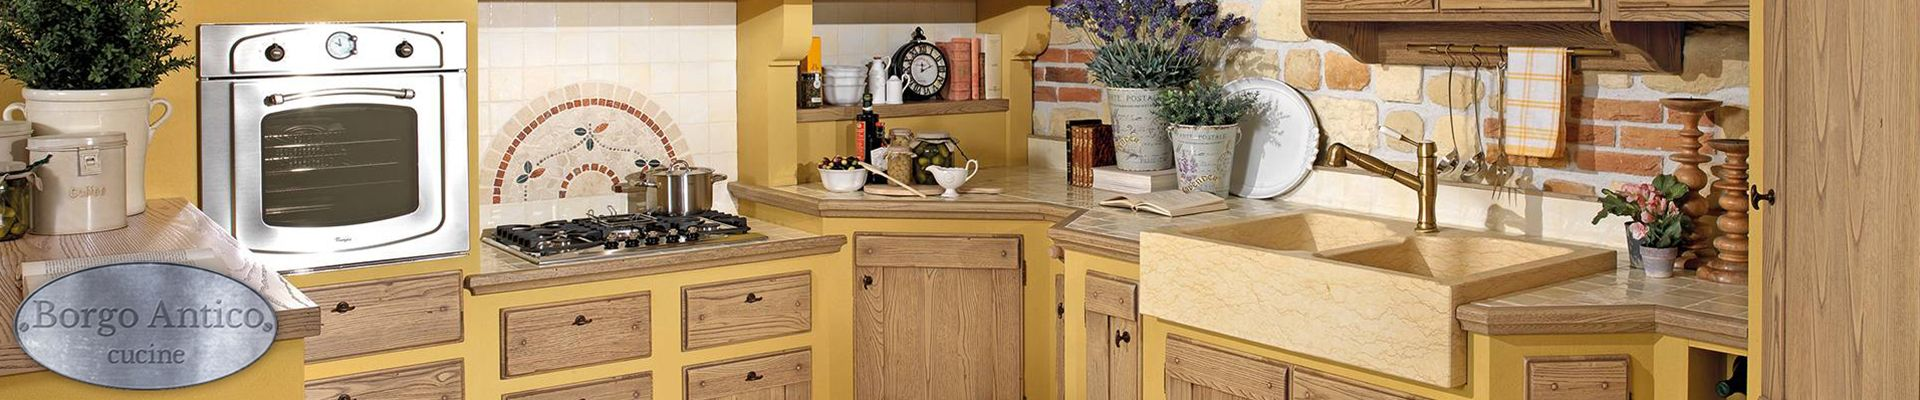 Cucine Borgo Antico - Montorsi Arredamenti